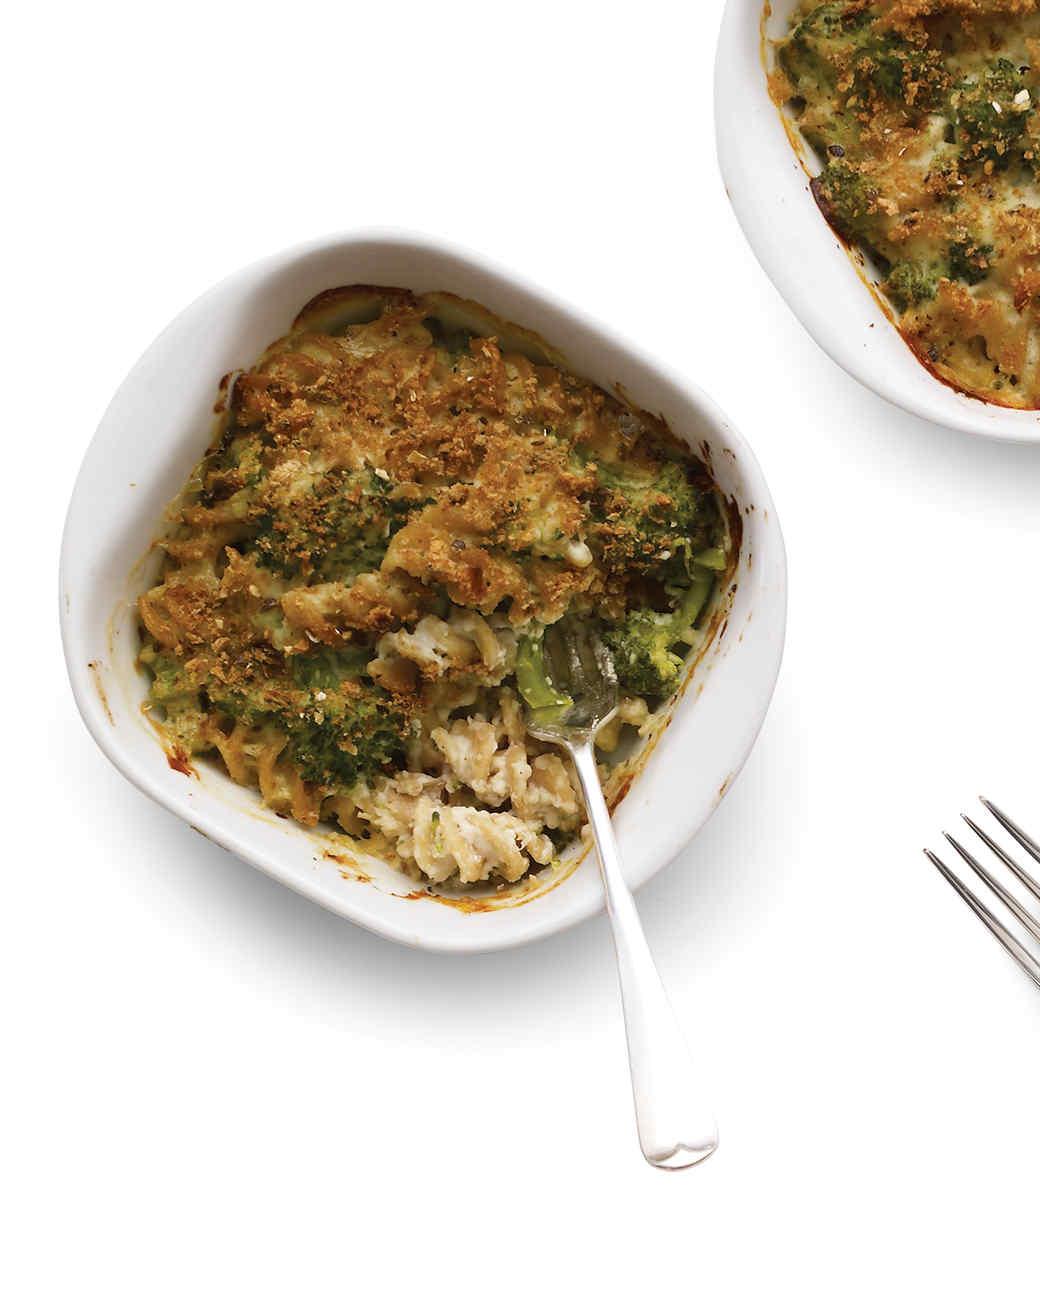 Broccoli and Pasta Casseroles